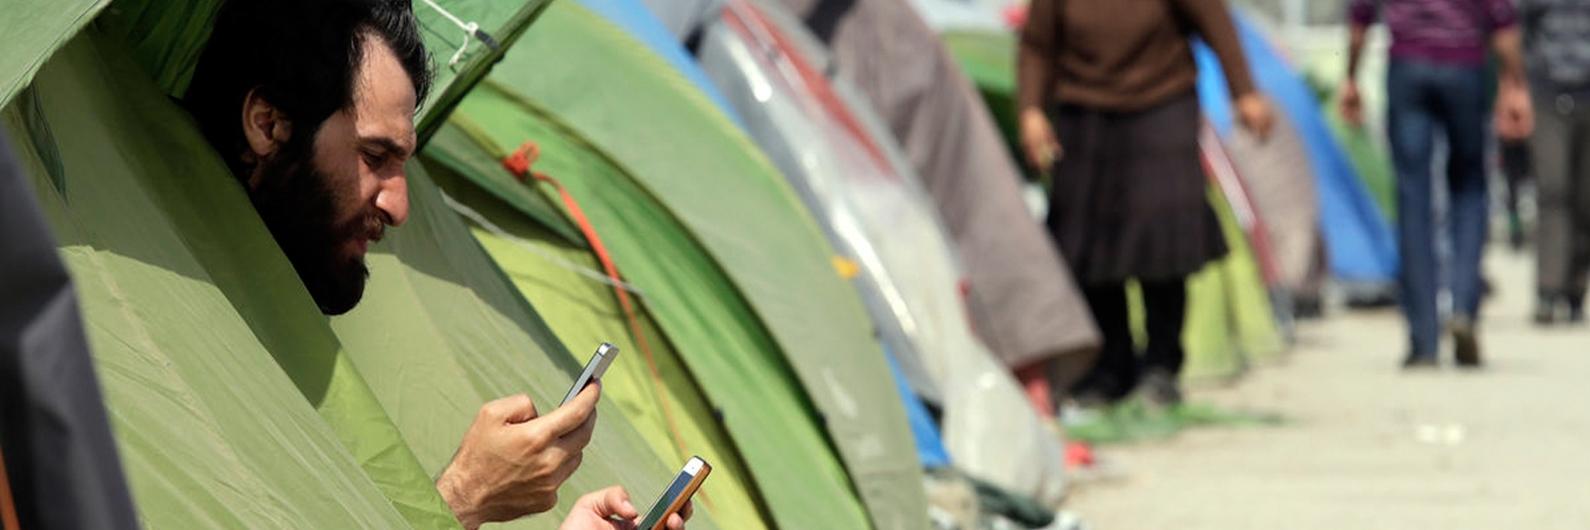 """Techfugees. """"A tecnologia pode ser muito poderosa. Se não a usarmos, usam-na os traficantes"""""""